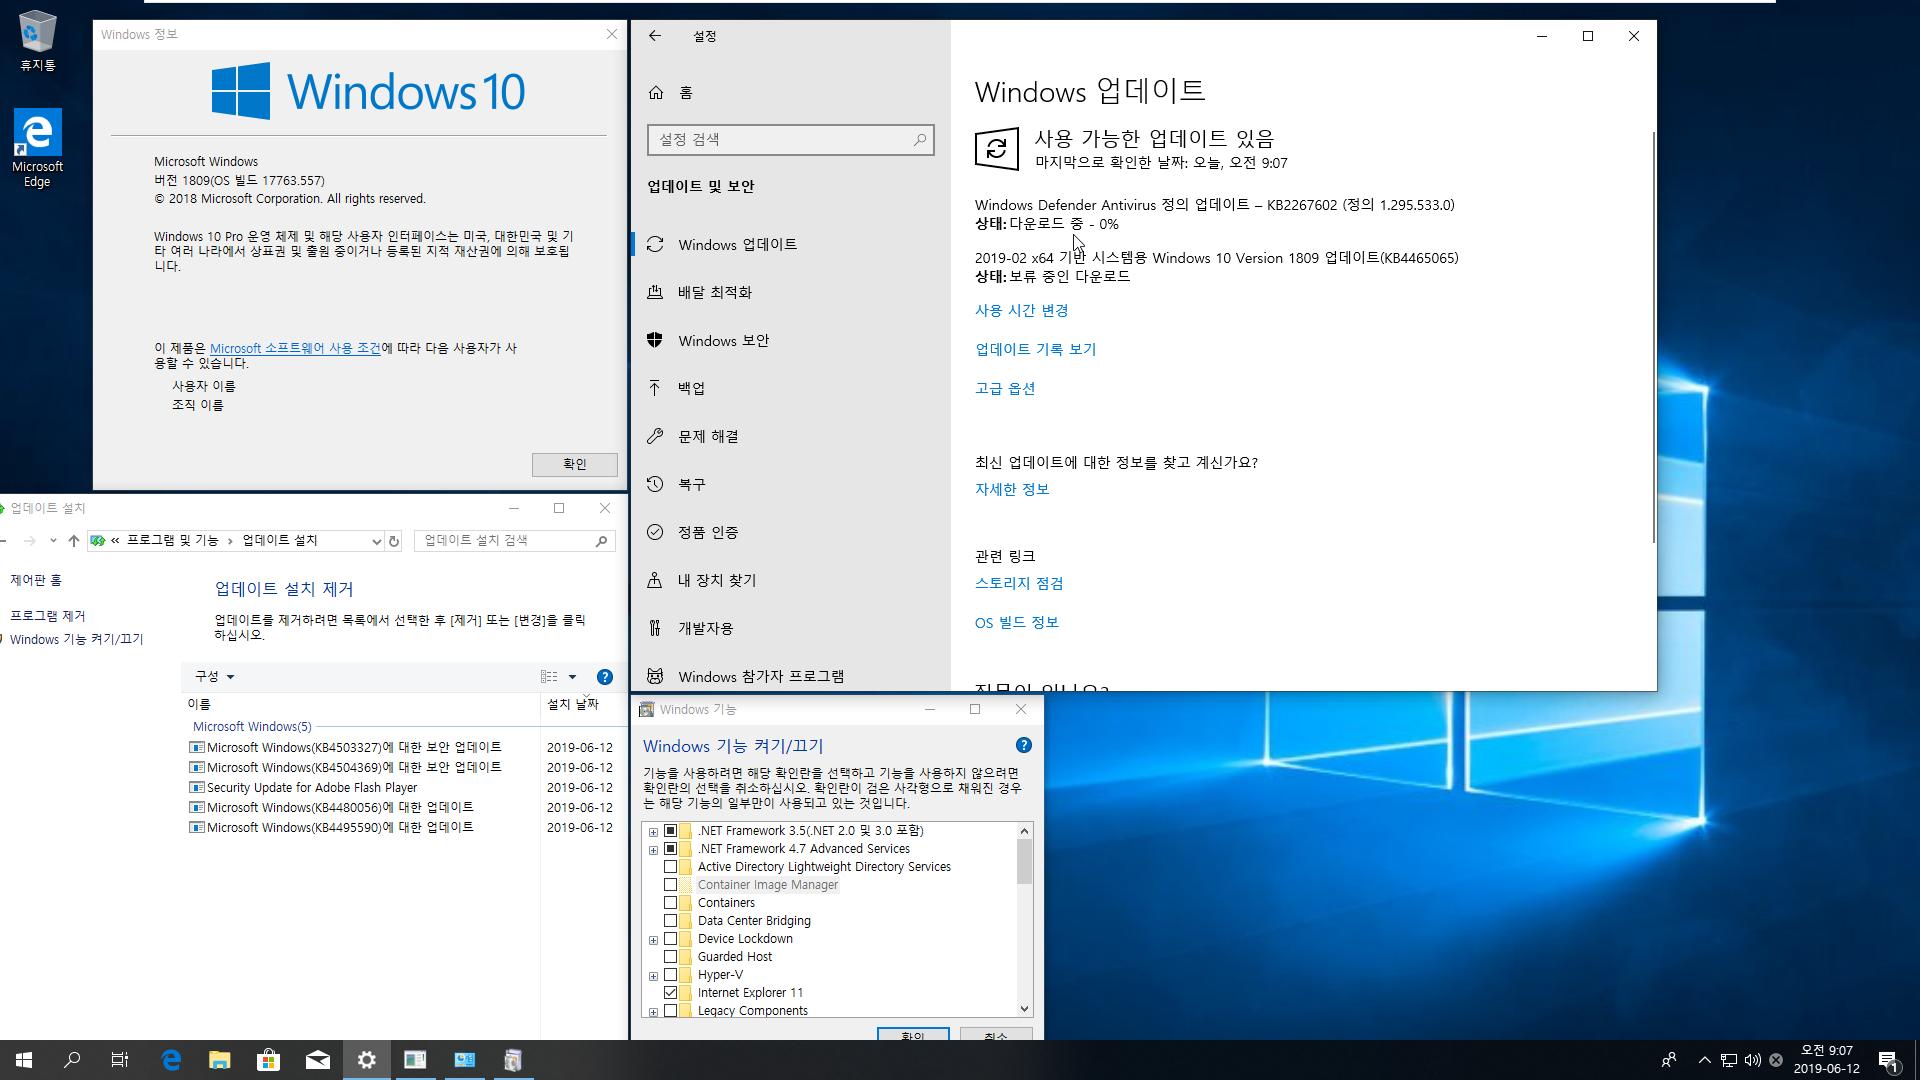 2019년 6월 12일 정기 업데이트 나왔네요 - Windows 10 버전 1809 누적 업데이트 KB4503327 (OS 빌드 17763.557) [2019-06-11 일자] 통합중 입니다 2019-06-12_090755.png